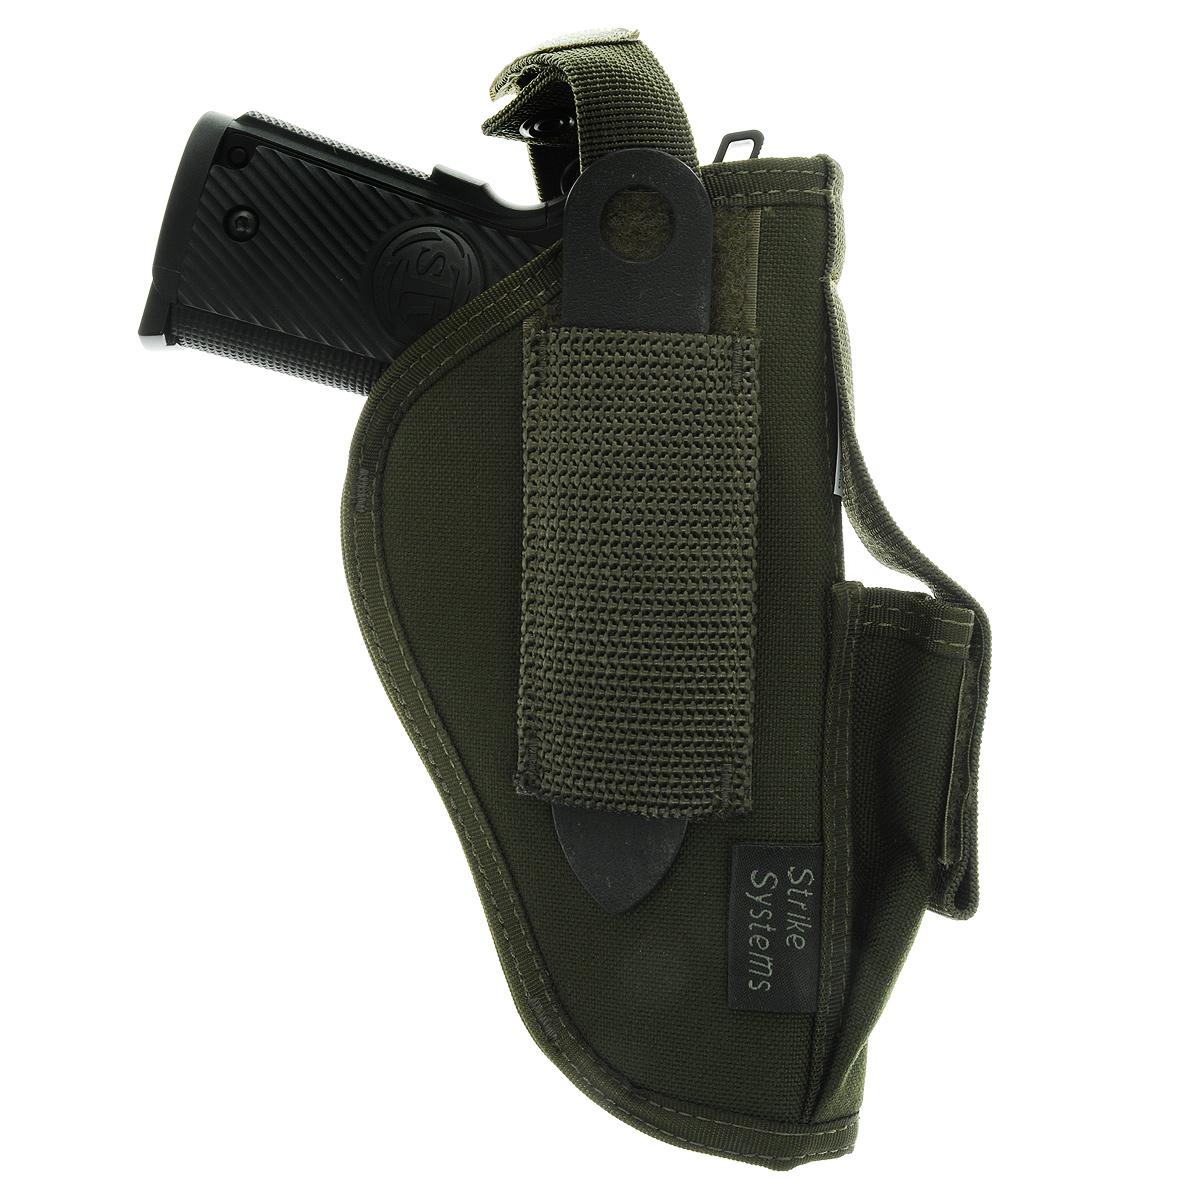 Кобура ASG поясная для M92, G17/18, STI, CZ, Steyr, Bersa, цвет: Olive Drab (17019)3B327Кобура поясная для пневматических и страйкбольных пистолетов серий M92, G17/18, STI, CZ, Steyr, Bersa (полноразмерные и среднеразмерные - Full Frame и Mid Frame) с подсумком для запасного магазина.Предназначена для ношения в тире и на полигоне. Показанные на фото оружие и аксессуары в комплект не входят. Не рассчитана на использование с боевым оружием.Подходит для левшей и правшей;В комплекте приспособление для удобной регулировки;Двойные швы;Из износостойкого и влагостойкого нейлона.Возвраттоваравозможен только при наличии заключения сервисного центра.Время работы сервисного центра: Пн-чт: 10.00-18.00 Пт: 10.00- 17.00Сб, Вс: выходные дниАдрес: ООО ГАТО, 121471, г.Москва,ул.ПетраАлексеева,д12., тел. (495)232-4670, gato@gato.ruХарактеристики: Материал: нейлон. Размер кобуры: 23 см х 14 см х 5 см. Размер упаковки: 23 см х 22 см х 5 см. Артикул: 17019.Уважаемые покупатели, обращаем Ваше внимание что авиадоставка в нижеперечисленные города этого товара временно недоступна! 1. Ангарск 2. Благовещенск 3. Бодайбо 4. Братск 5. Владивосток 6. Воркута 7. Иркутск 8. Калининград 9. Надым 10. Нарьян-Мар 11. Находка 12. Норильск 13. Петропавловск-Камчатский 14. Салехард 15. Улан-Удэ 16. Уссурийск 17. Ухта 18. Хабаровск 19. Чита 20. Энергетик 21. Южно-Сахалинск 22. Якутск